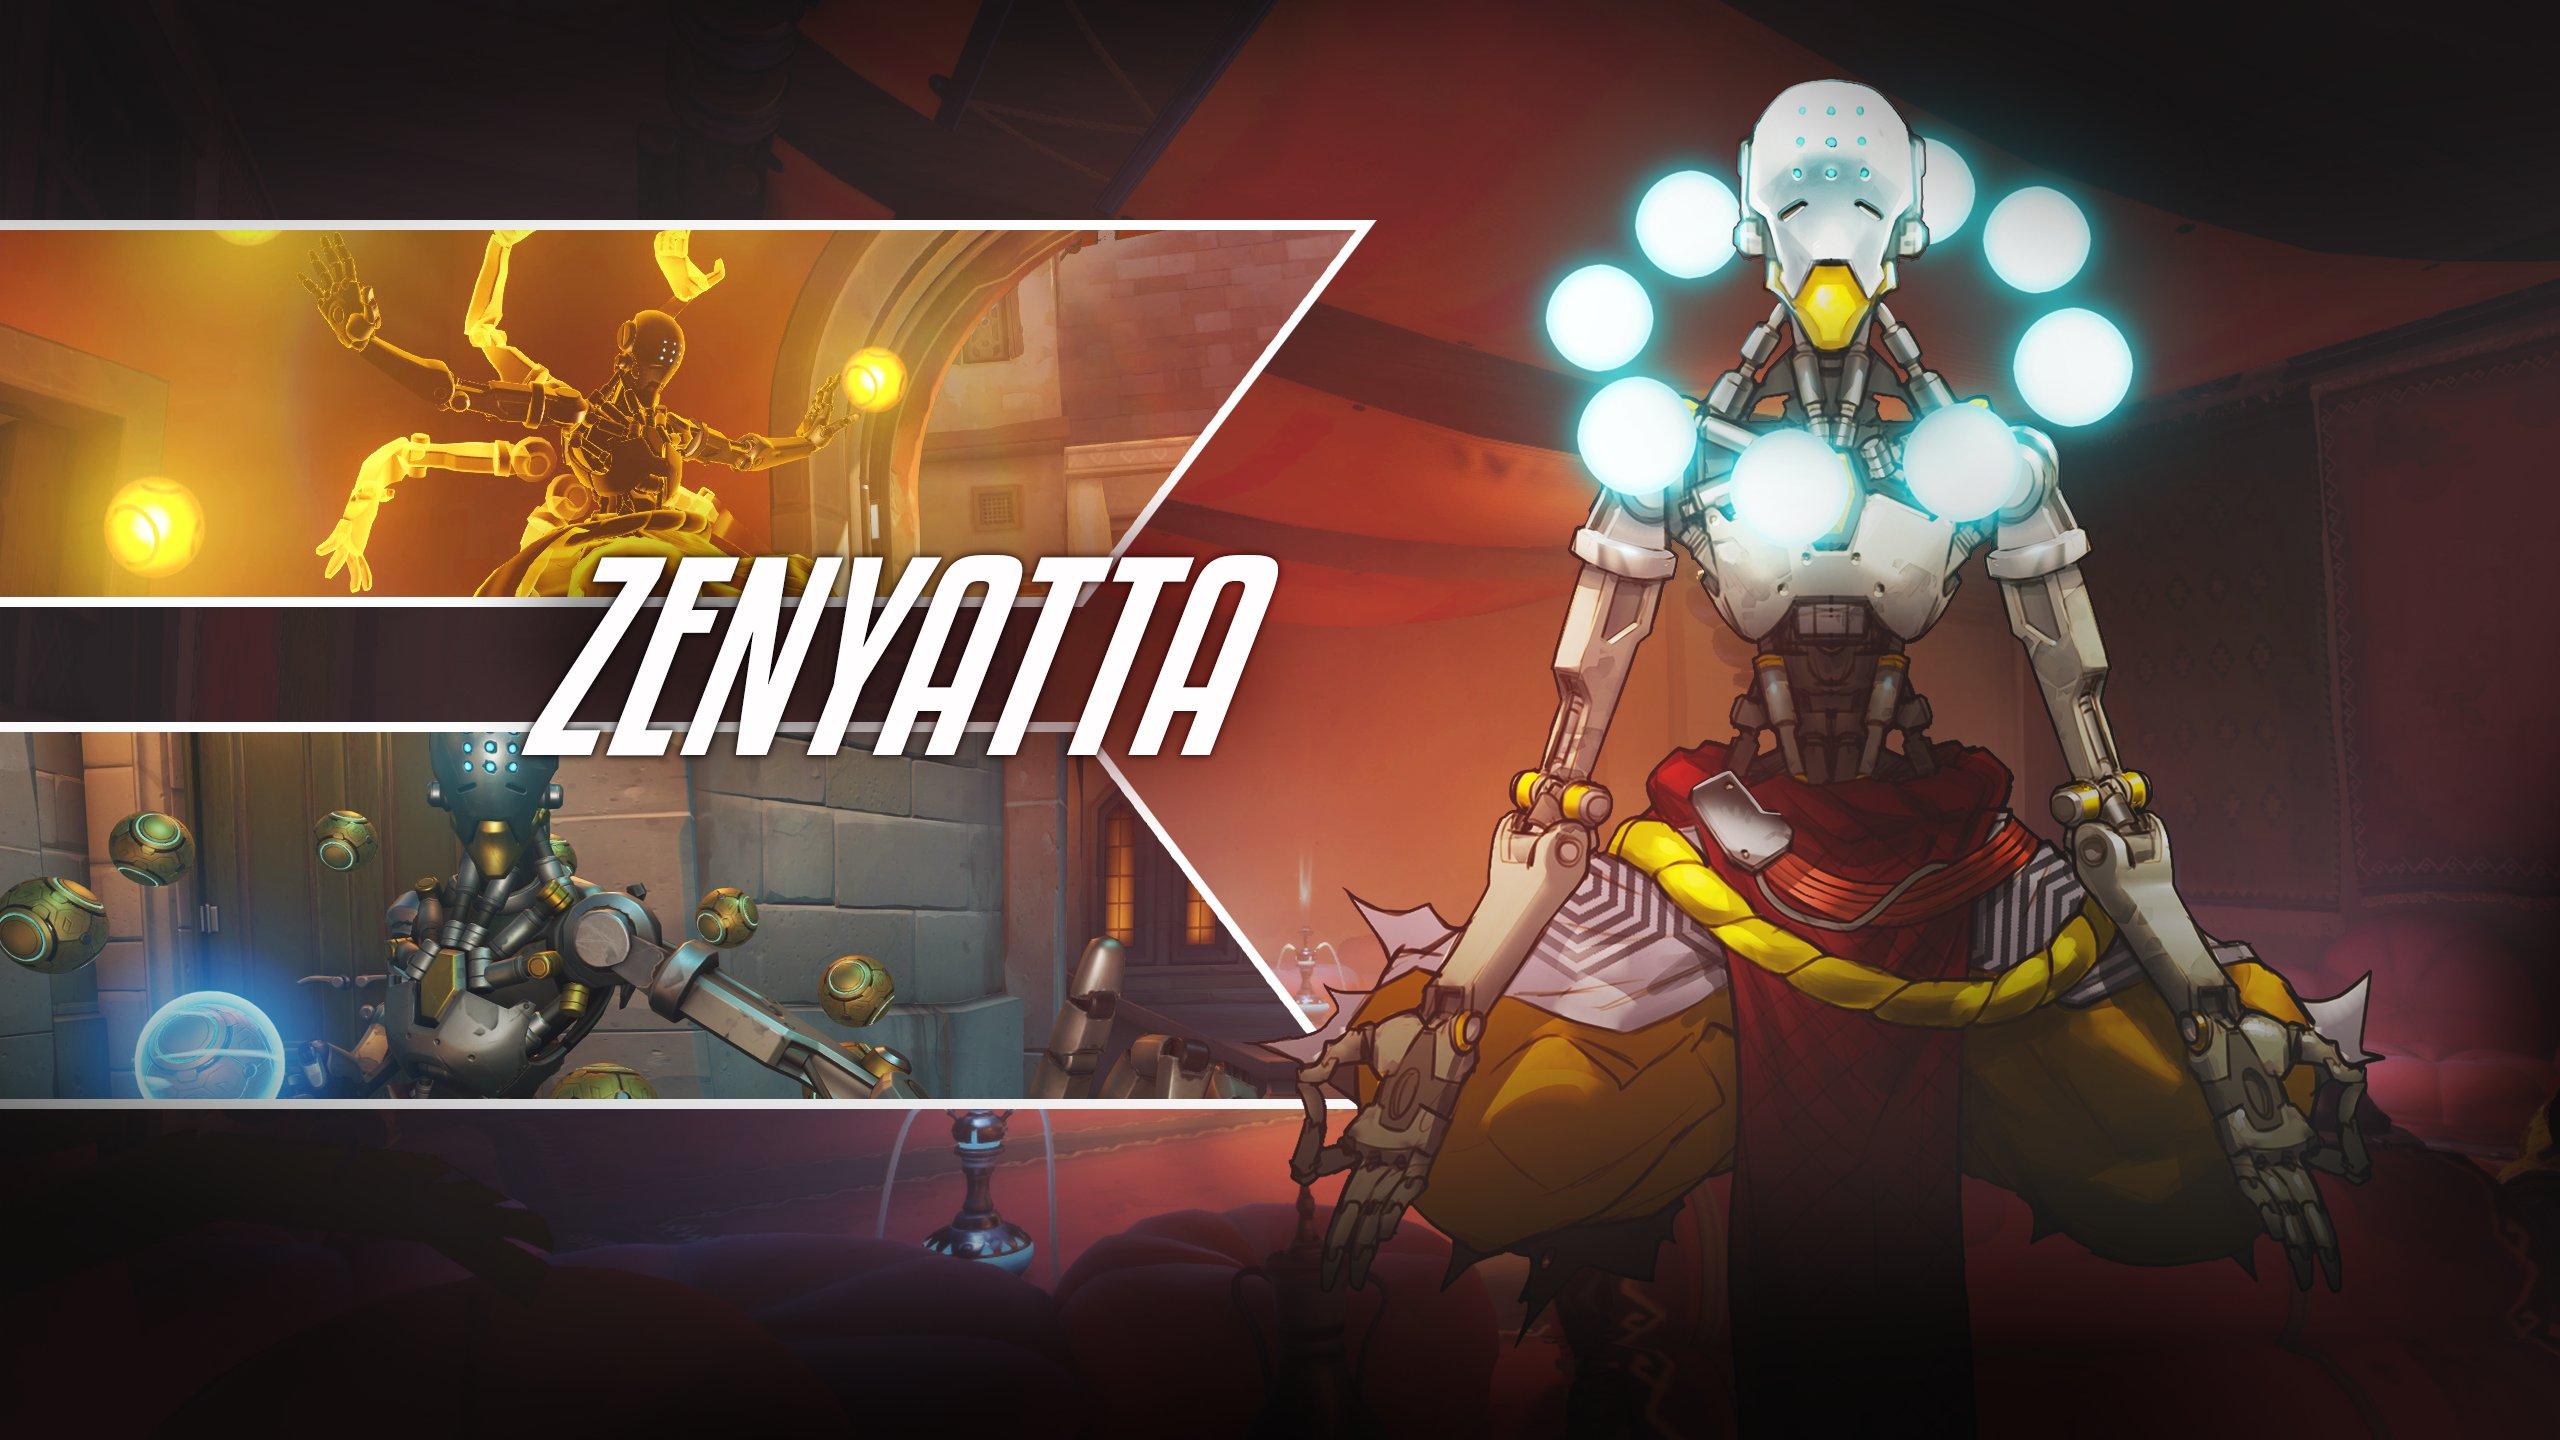 Overwatch : Zenyatta HD pictures